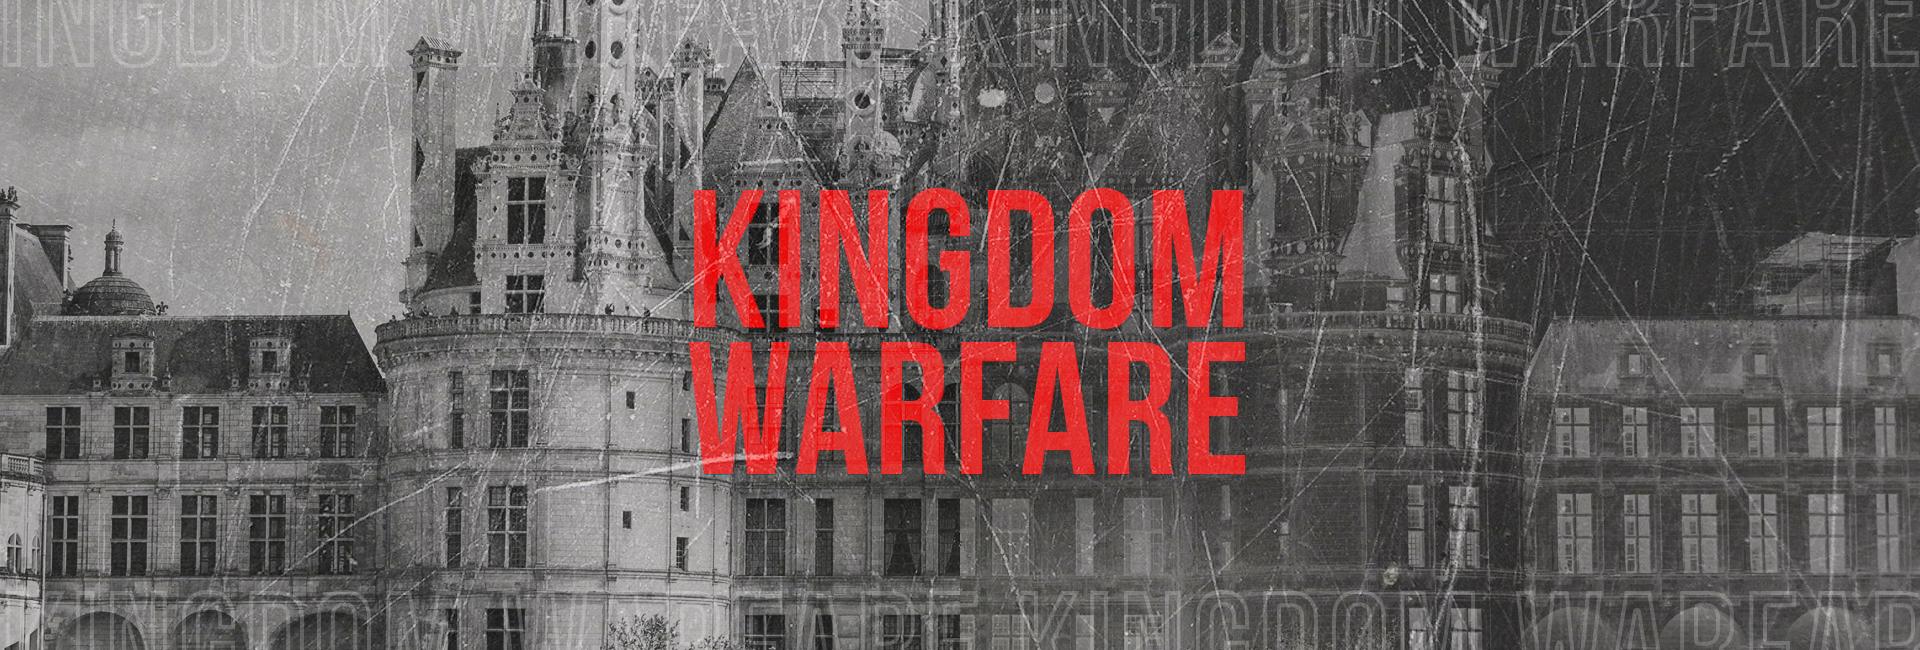 Kingdom Warfare